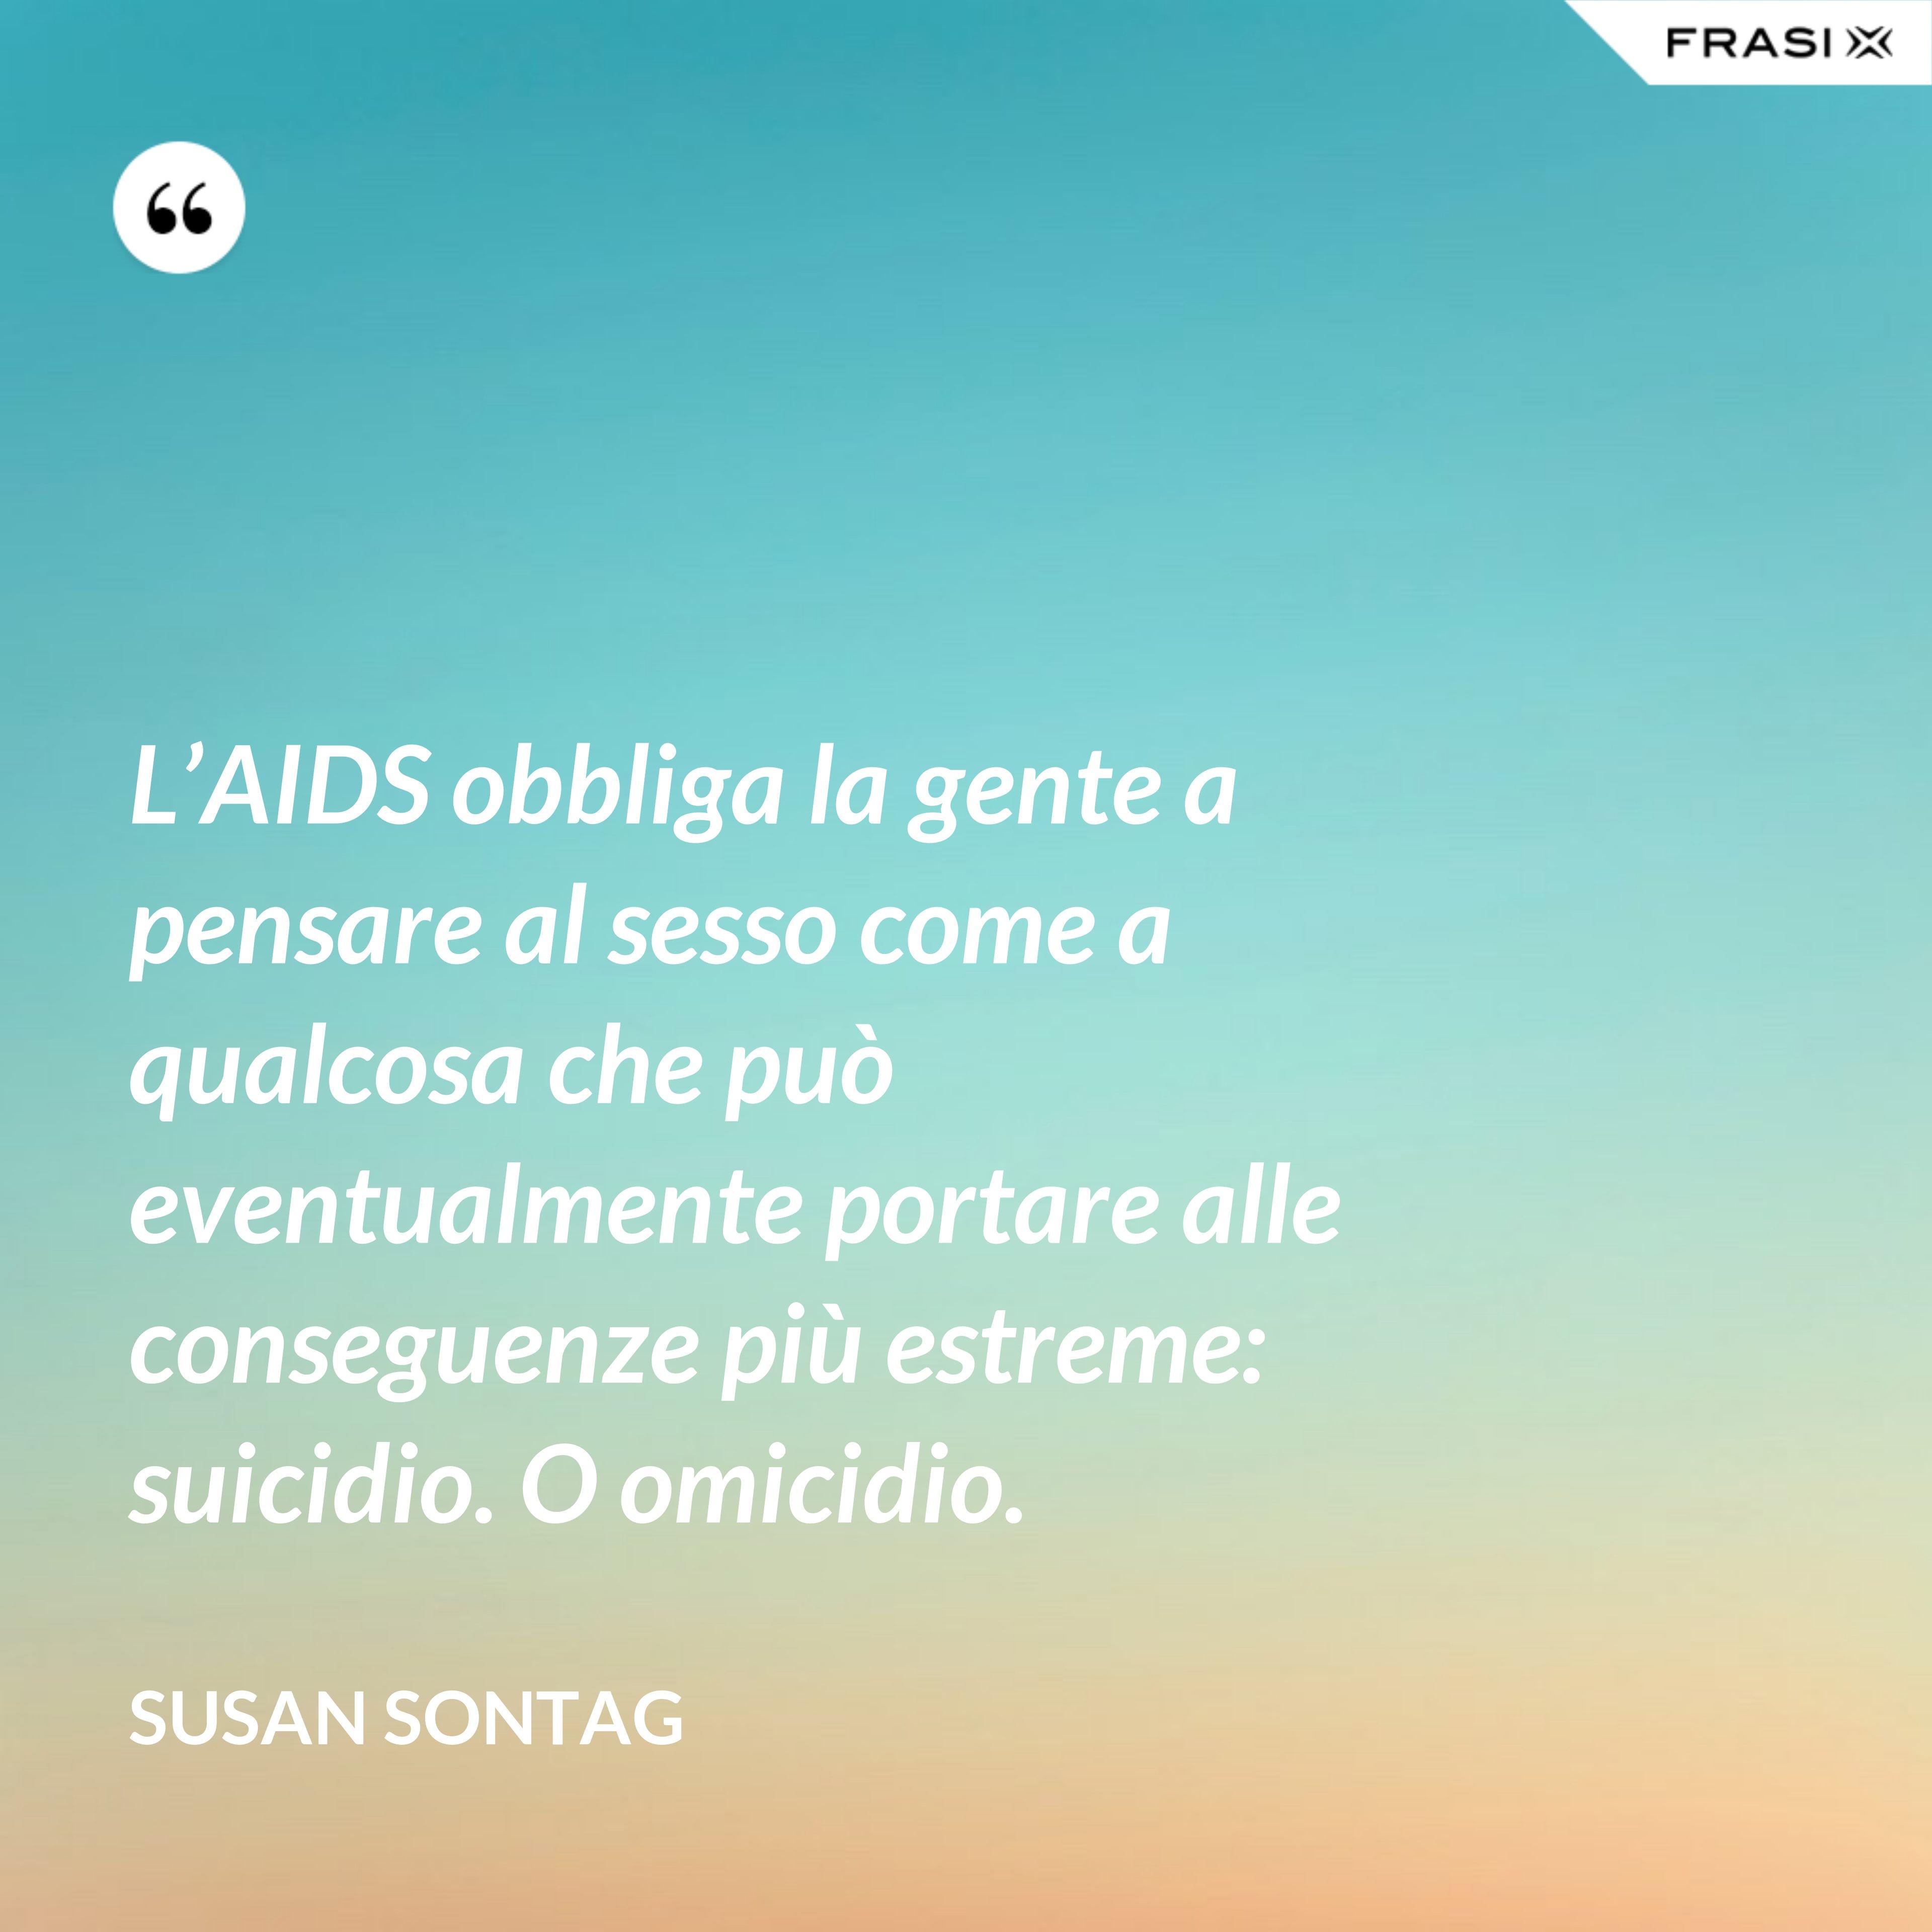 L'AIDS obbliga la gente a pensare al sesso come a qualcosa che può eventualmente portare alle conseguenze più estreme: suicidio. O omicidio. - Susan Sontag